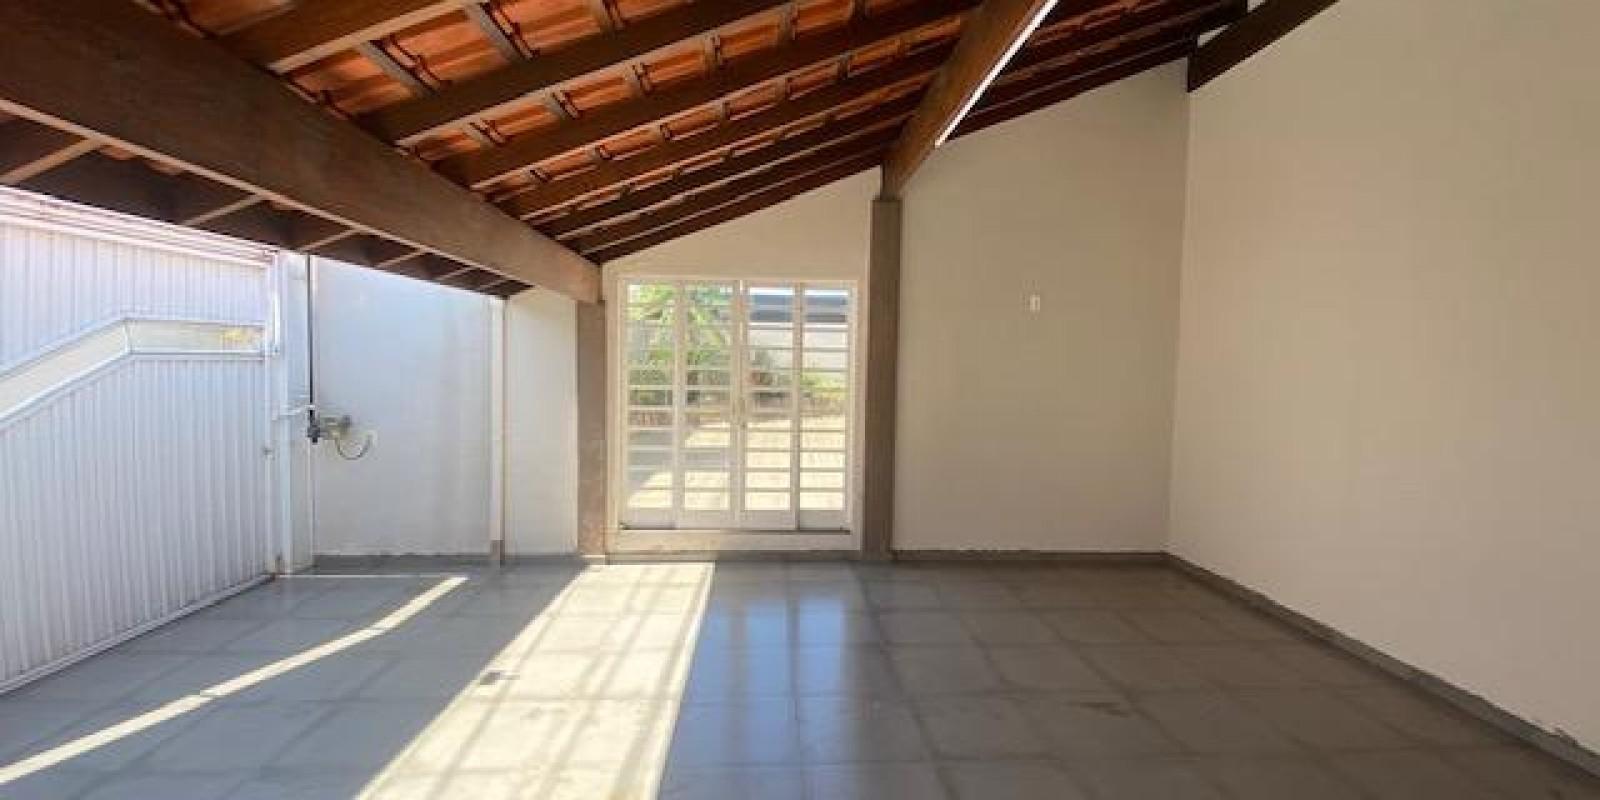 Casa Conjugada com Sobrado no Jd Boa Vista em Avaré SP - Foto 26 de 35